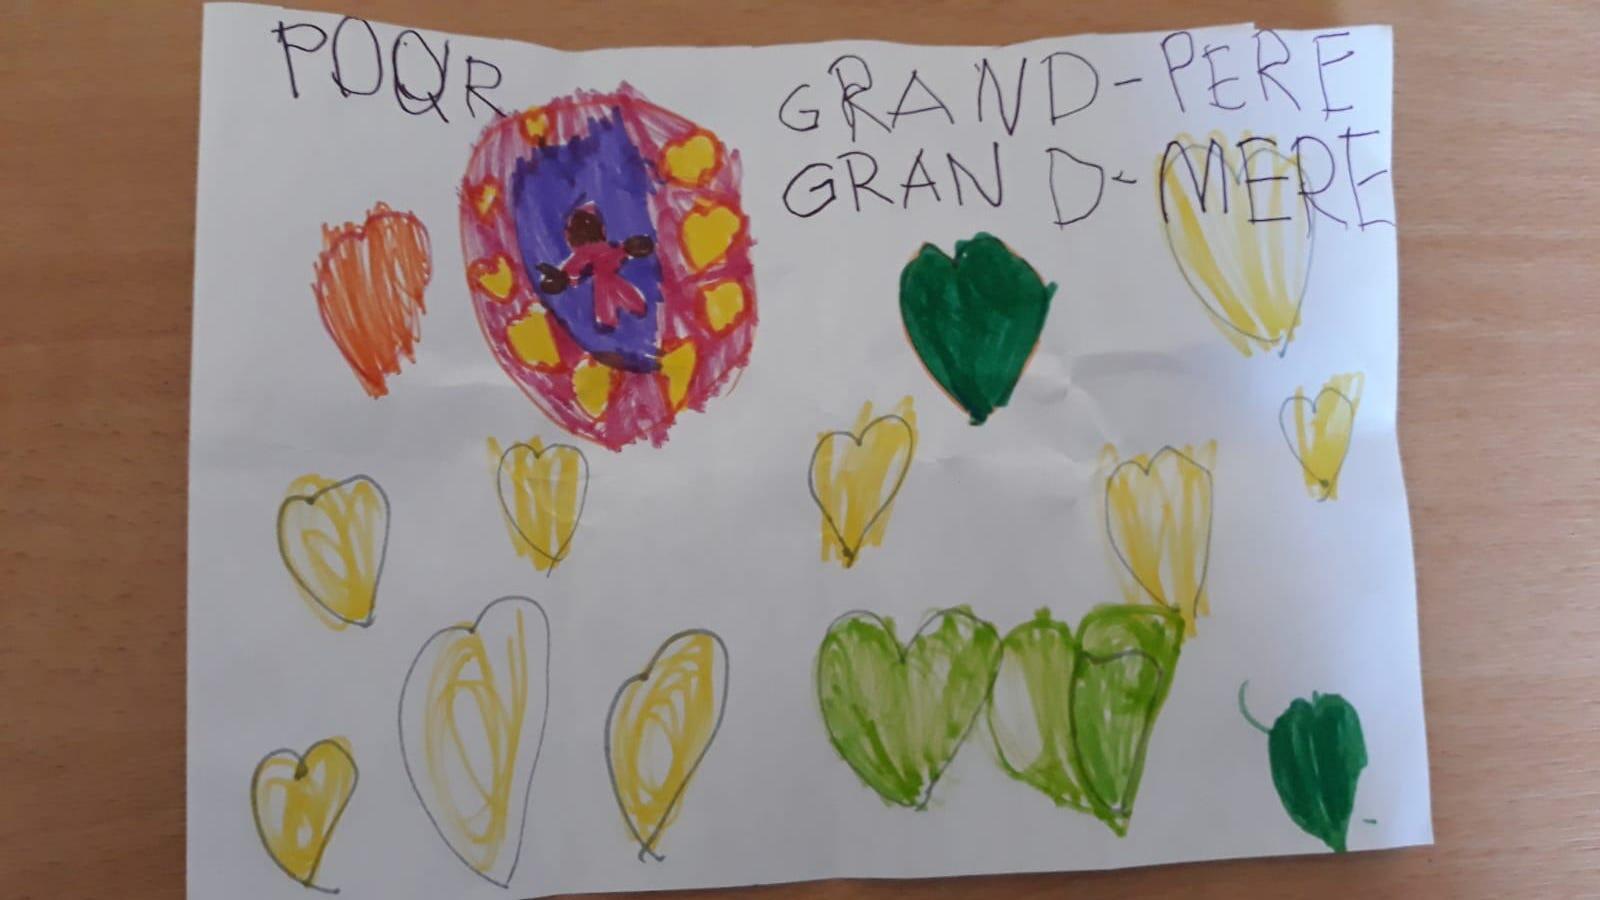 Dessin d'une petite fille de 5 ans adressé à ses grands-parents.